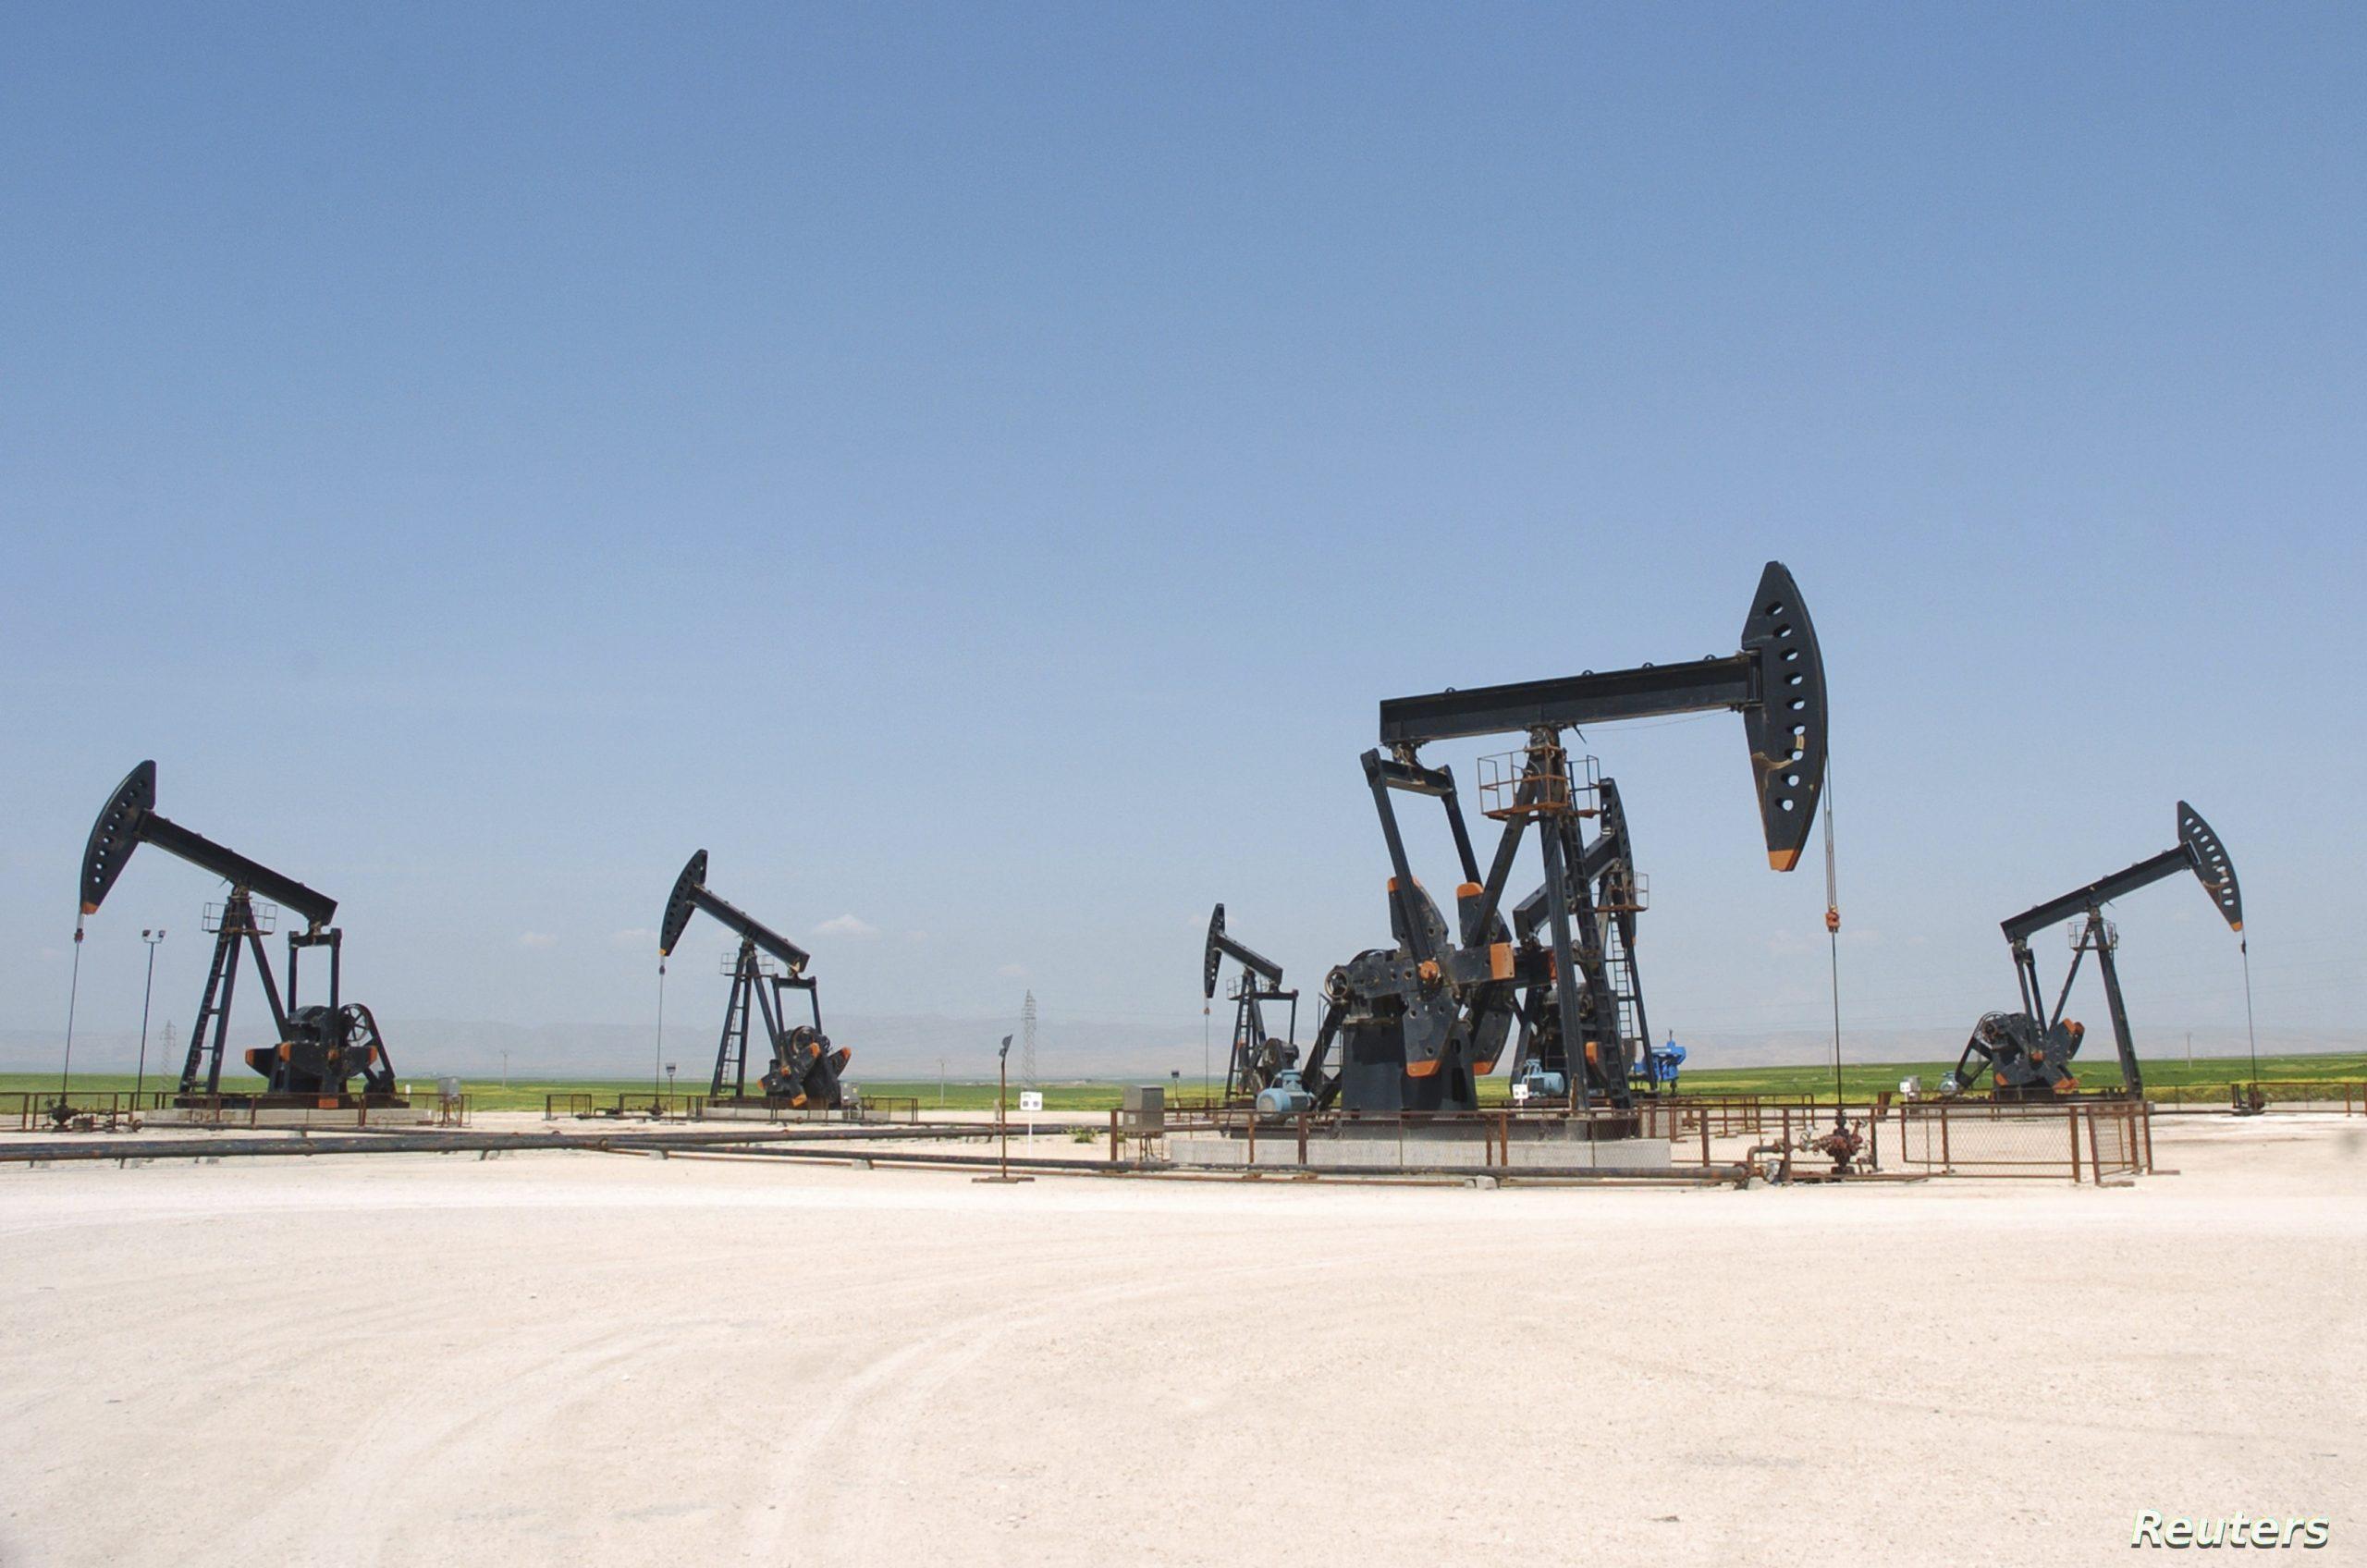 """قوات حرس الحقول النفطية .. تشكيل عسكري جديد برعاية """"قسد"""" في ديرالزور فما هي مهامة؟"""